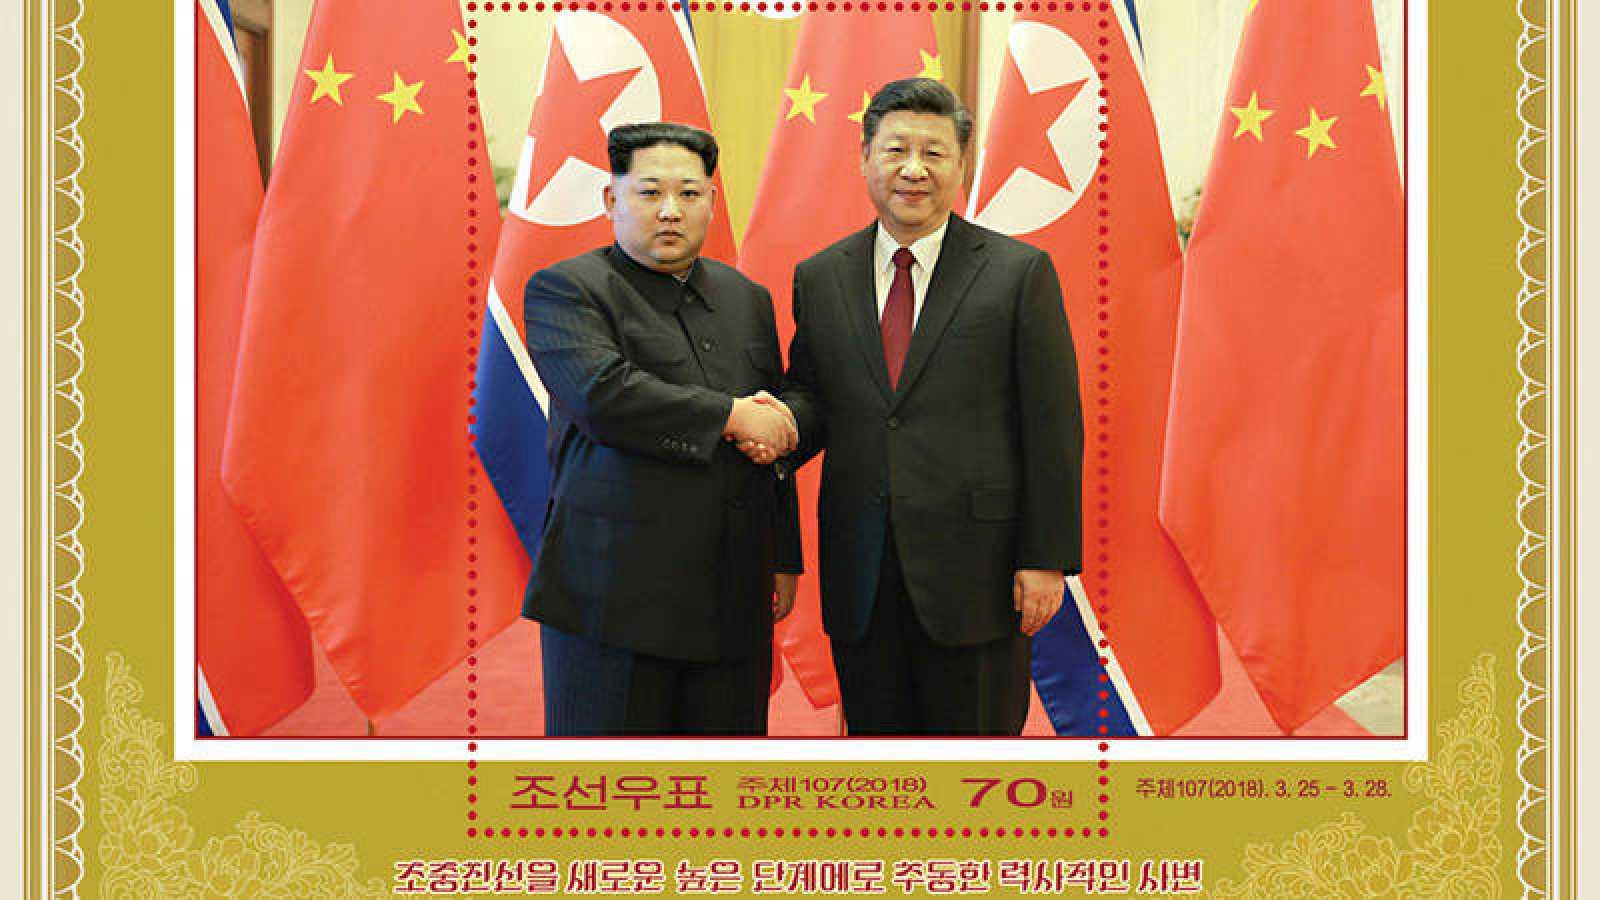 Sello emitido por el Servicio Estatal de Correos de Corea del Norte para conmemorar la visita a China de Kim Jong Un y la reunión con el presidente chino